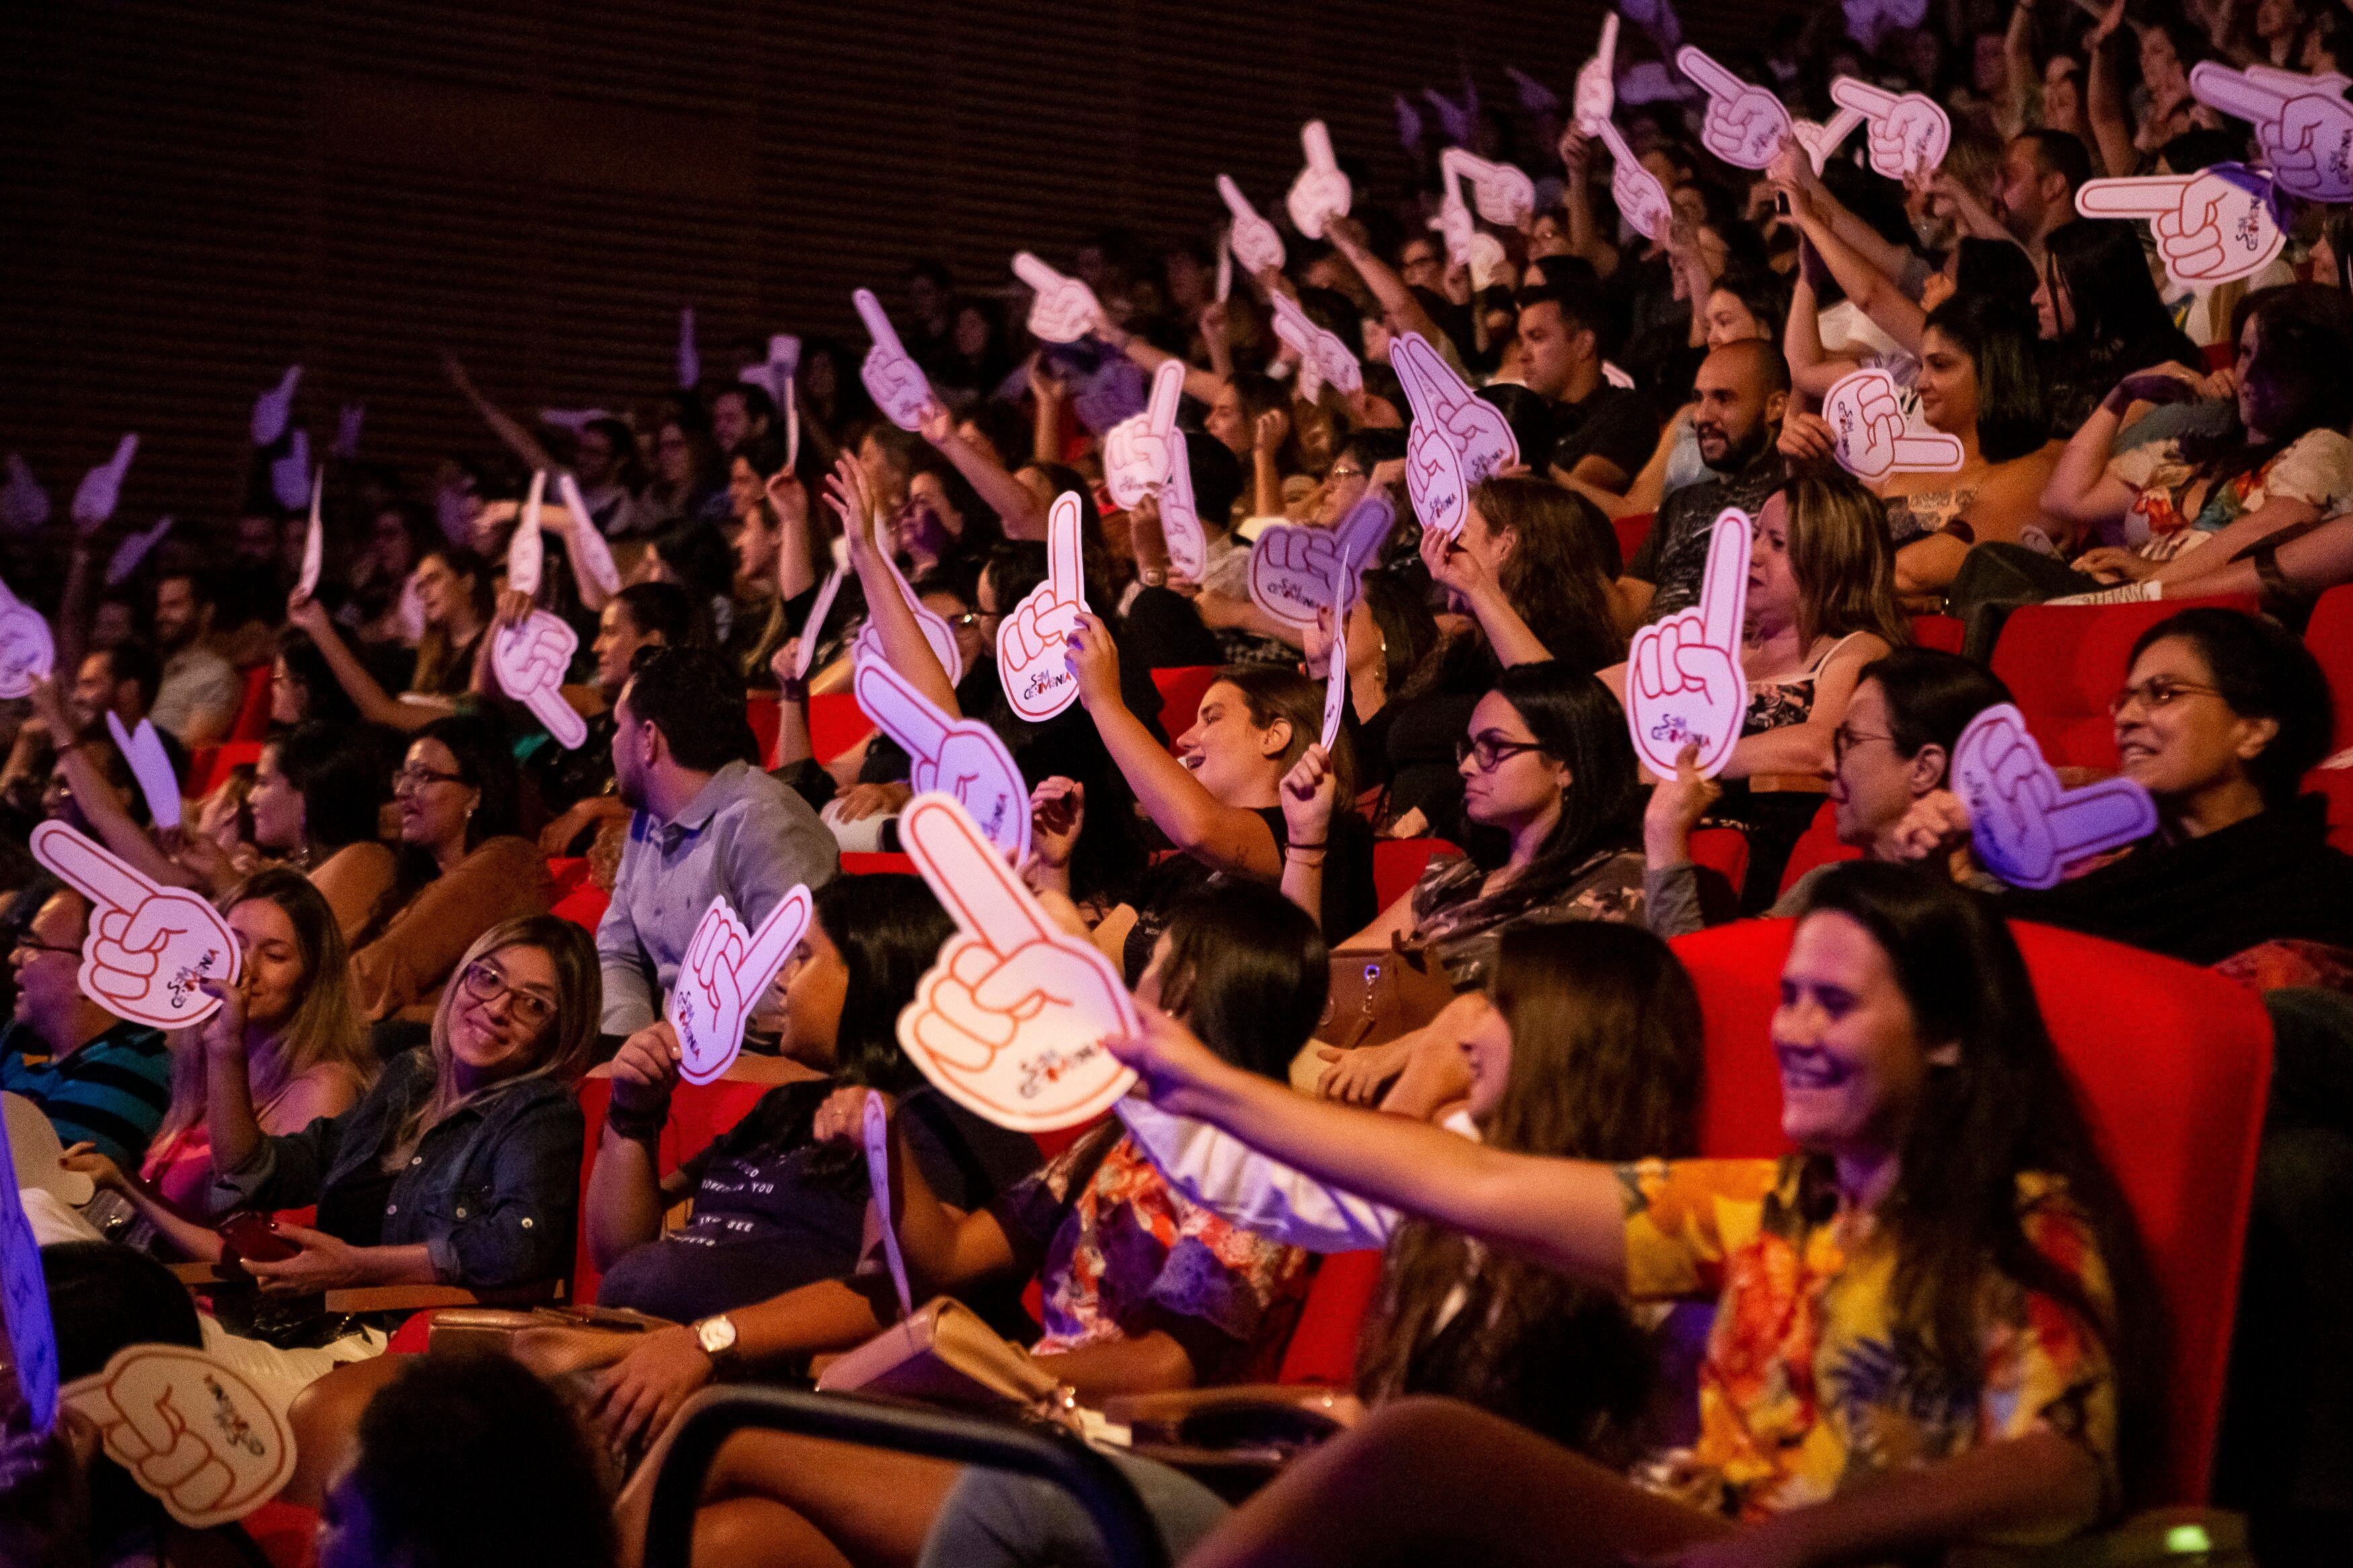 Ingresso Inteira Mezanino para espetáculo sábado 26/10 às 21h por R$38,40